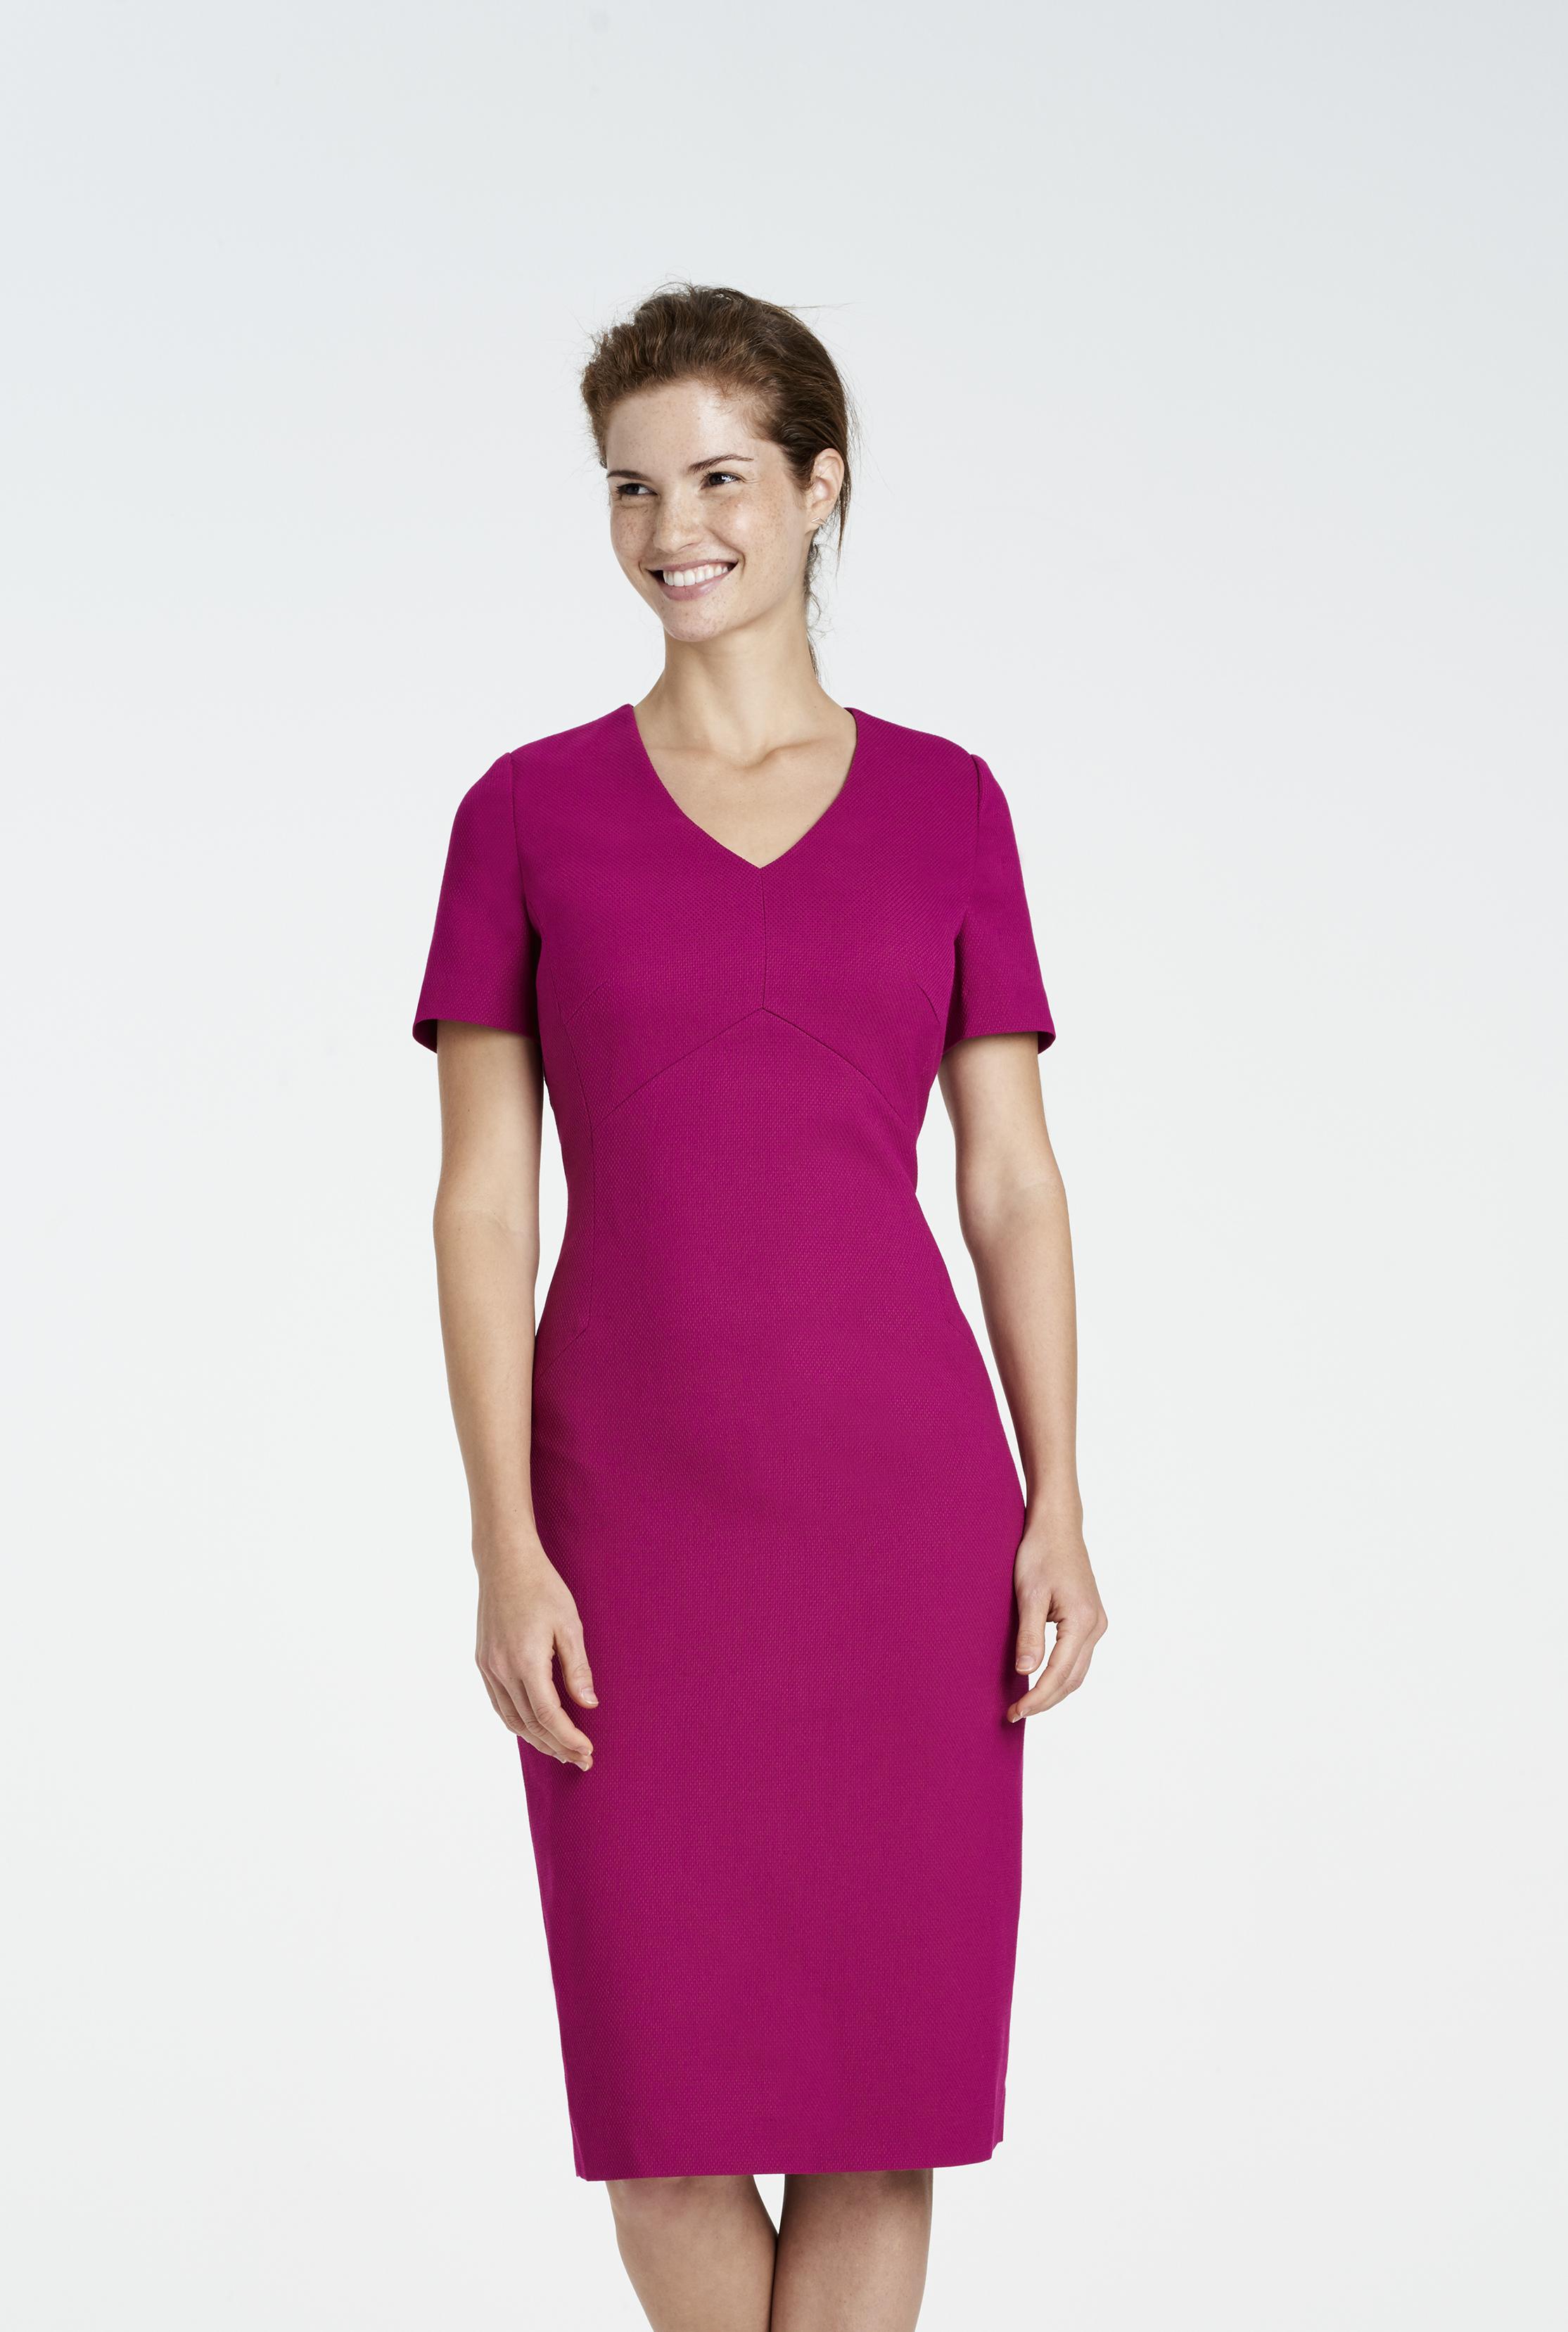 Textured Weave Suit Dress